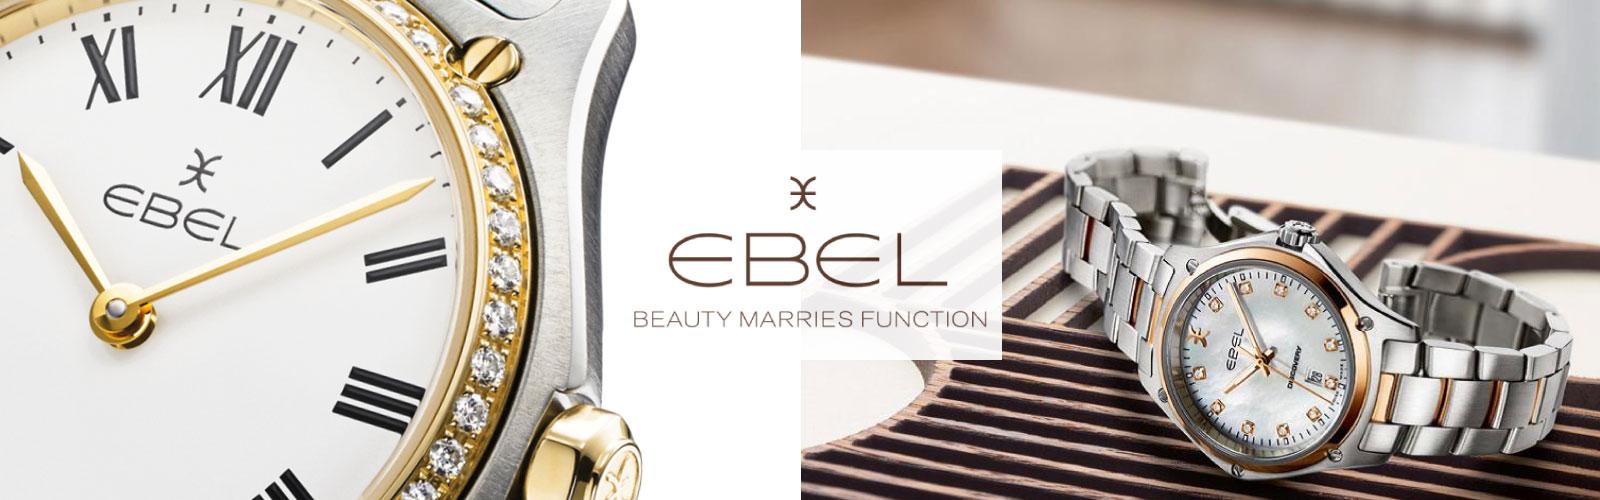 Ebel-horloges-hoge-kwaliteit-en-elegant-bij-Wolters-Juweliers-Coevorden-Emmen.png